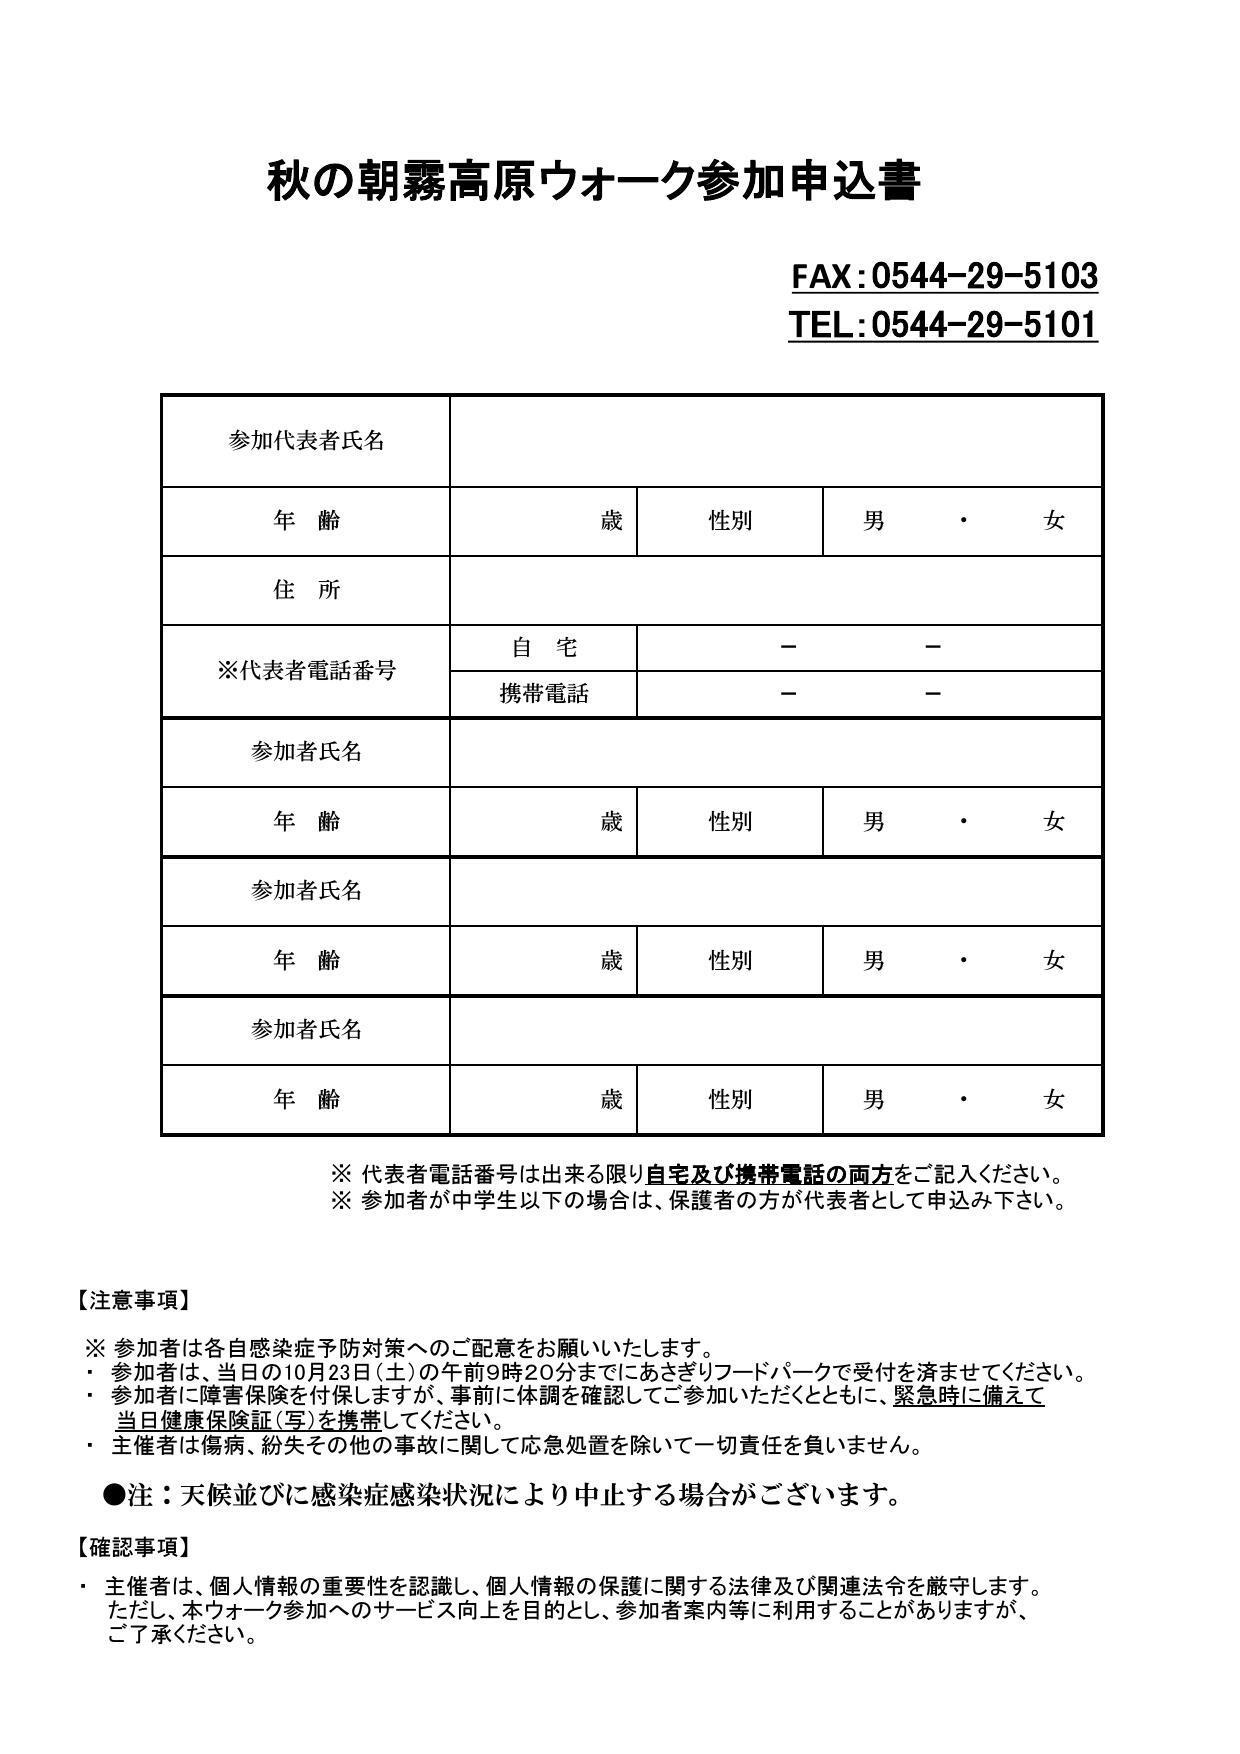 コピーR3チラシ・参加申込書_000002.jpg